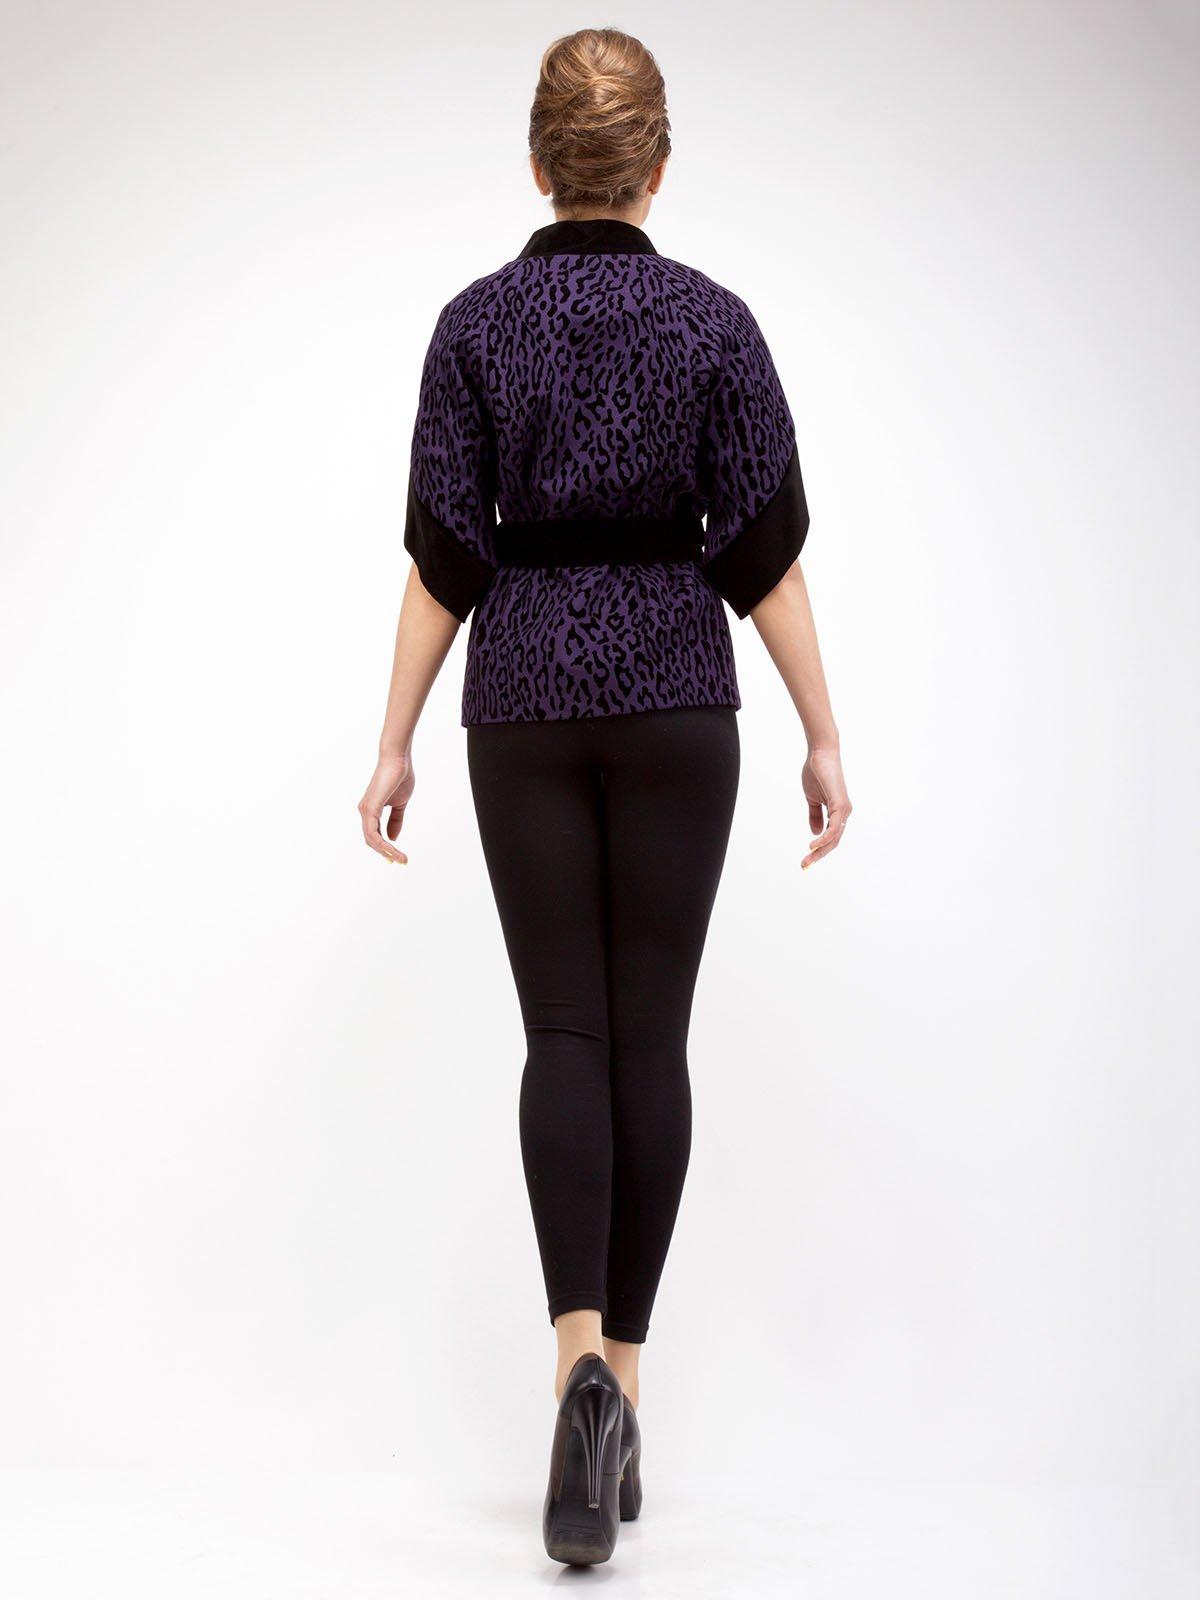 Пальто фиолетовое анималистической расцветки | 2580806 | фото 2